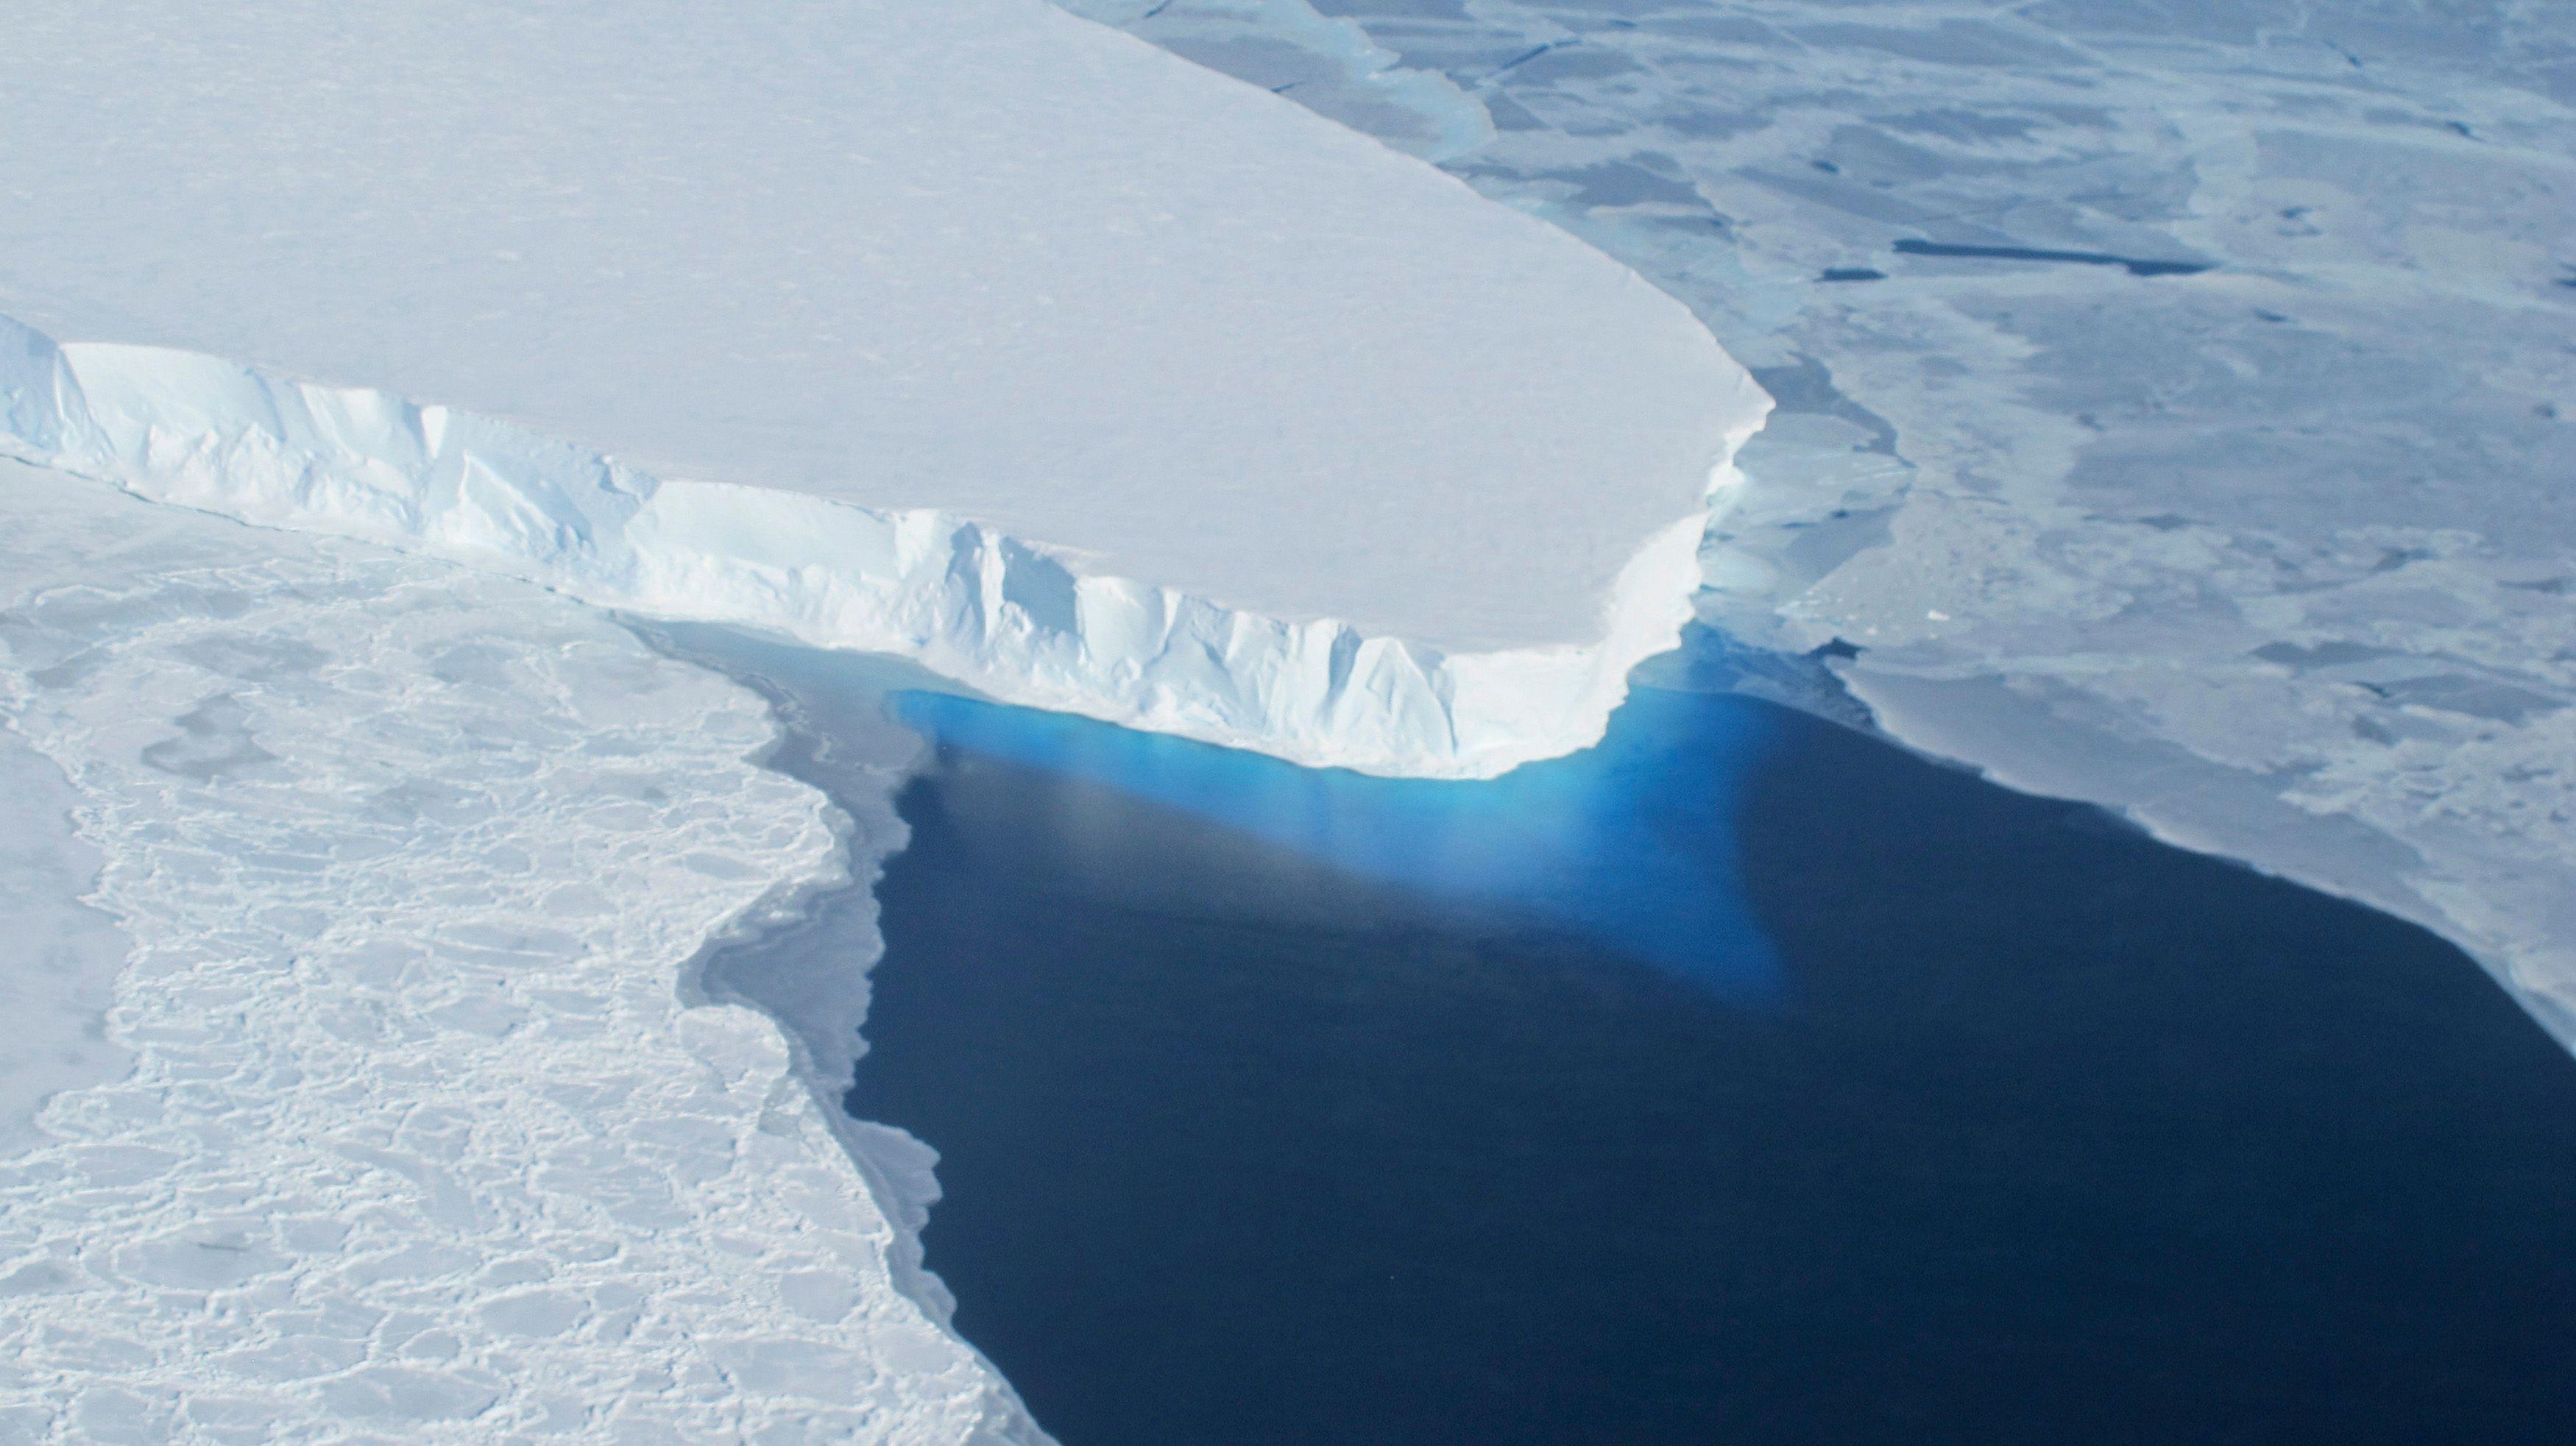 Cette nouvelle réglementation des Nations-Unies sur le point de mettre un terme à l'une des expérimentations accidentelles les plus efficaces contre le dérèglement climatique